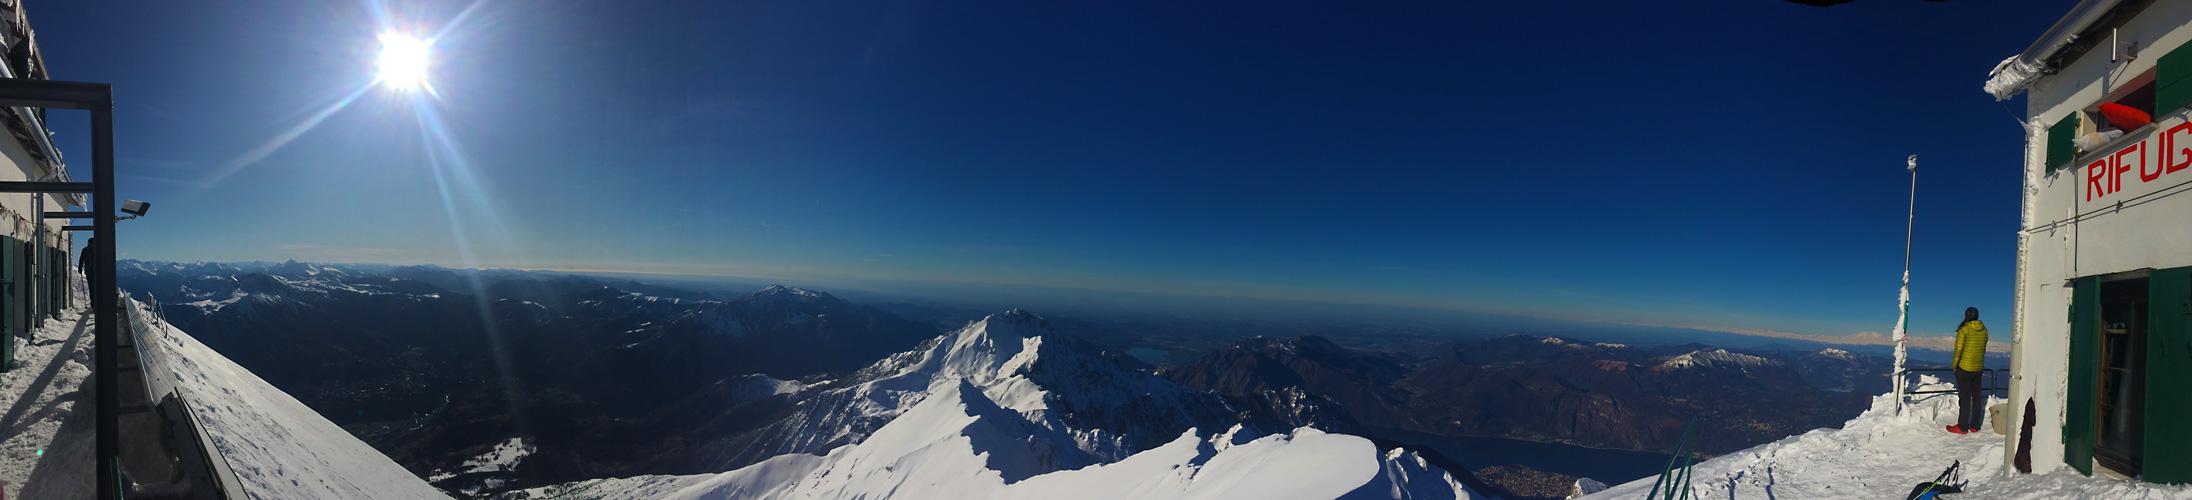 panoramica rifugio brioschi invernale vetta grigna settentrionale